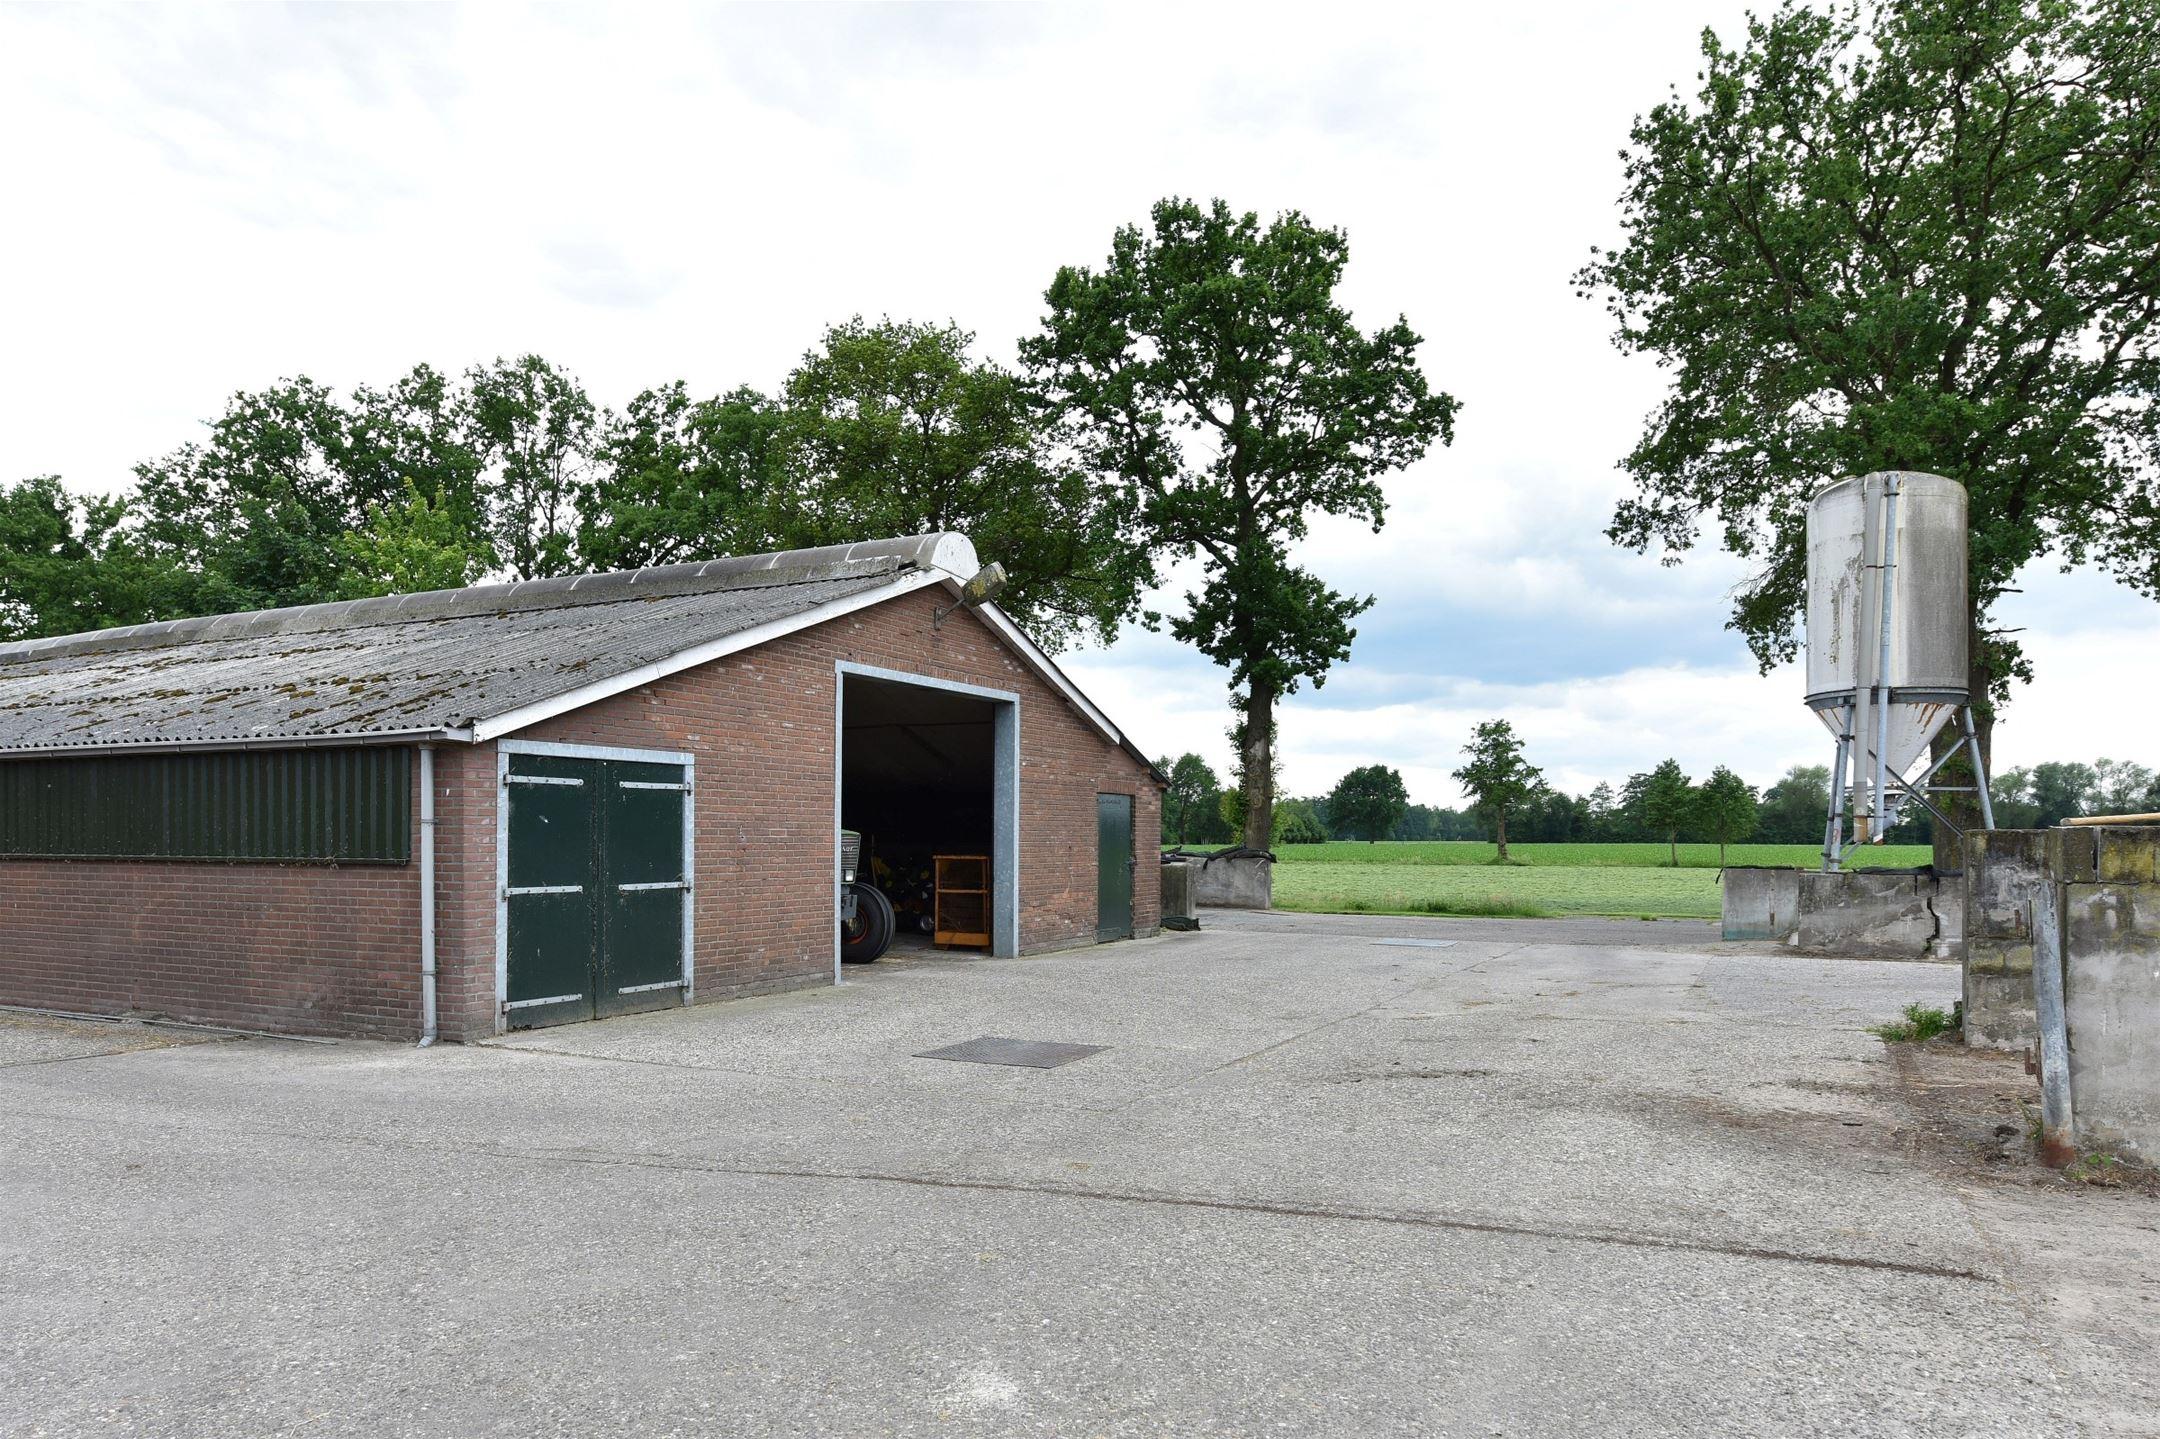 Agrarisch bedrijf barneveld zoek agrarische bedrijven te for Agrarisch bedrijf te koop gelderland